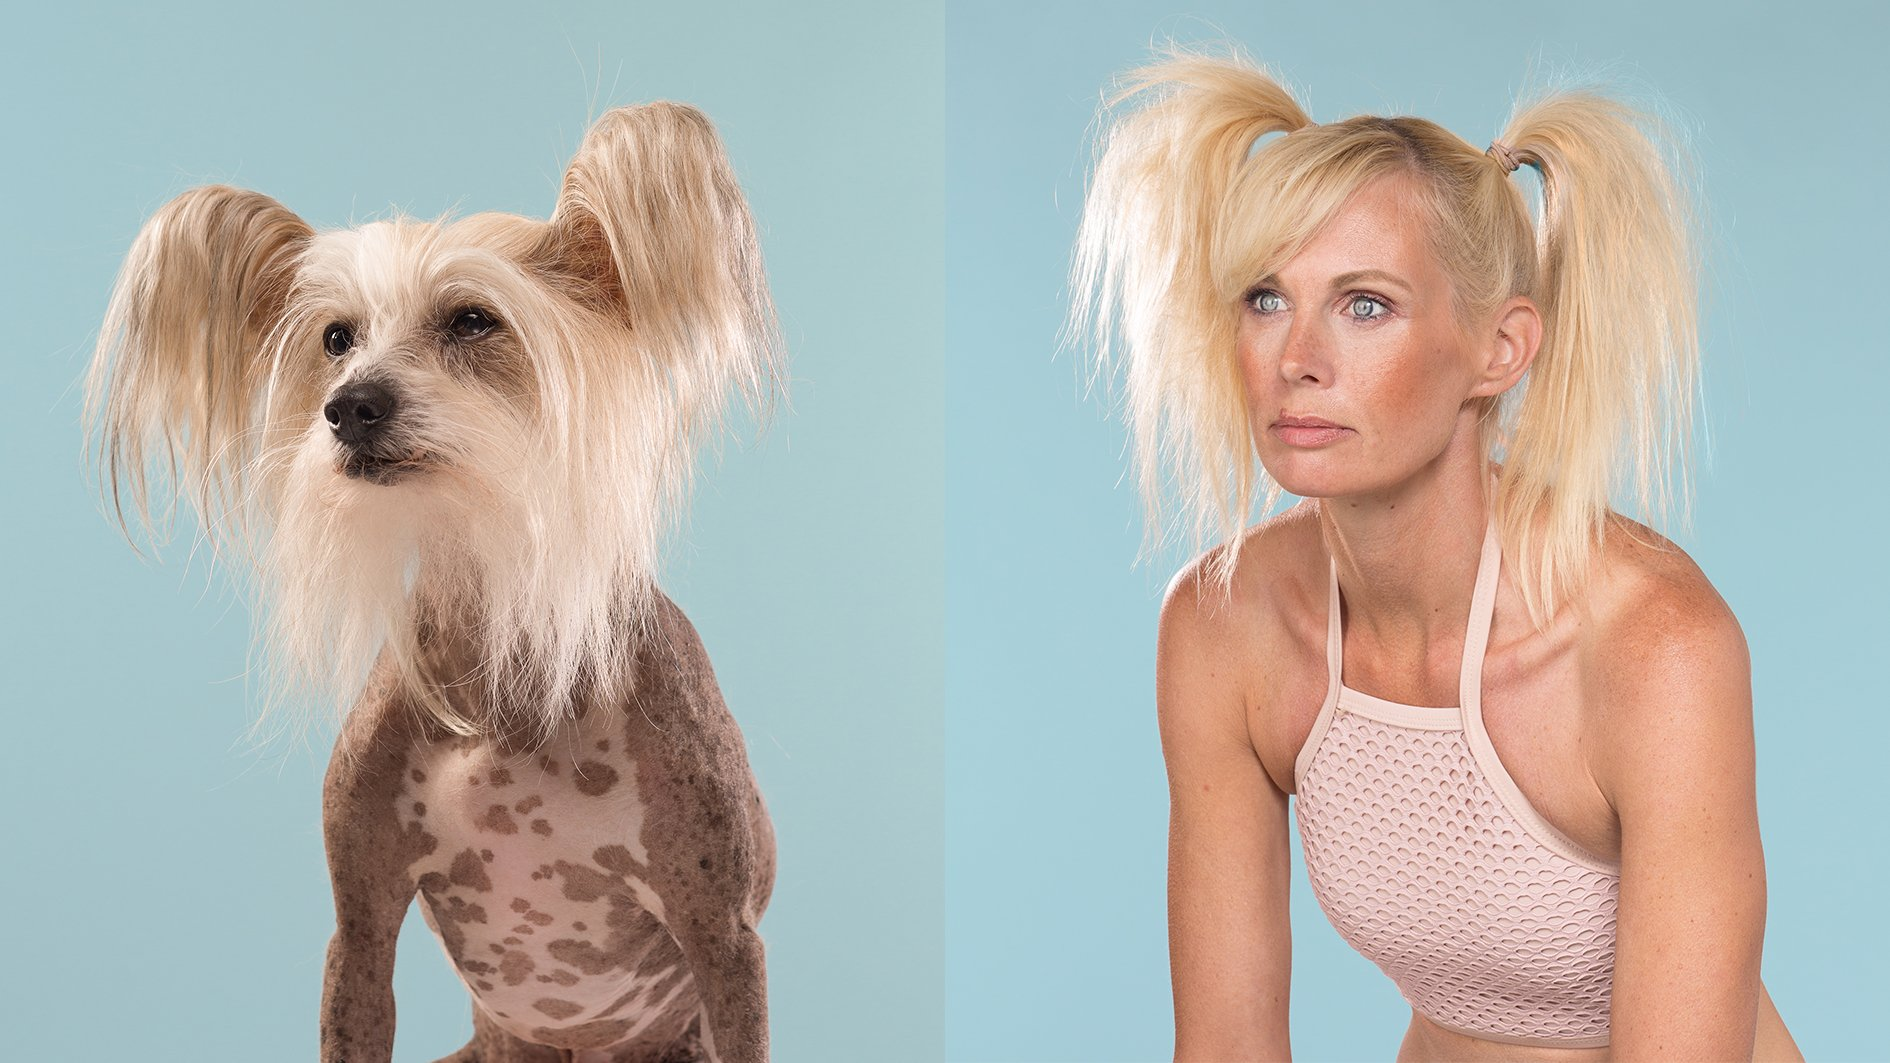 Geliefde Deze foto's bewijzen dat honden op hun baasje lijken (of andersom @KF83